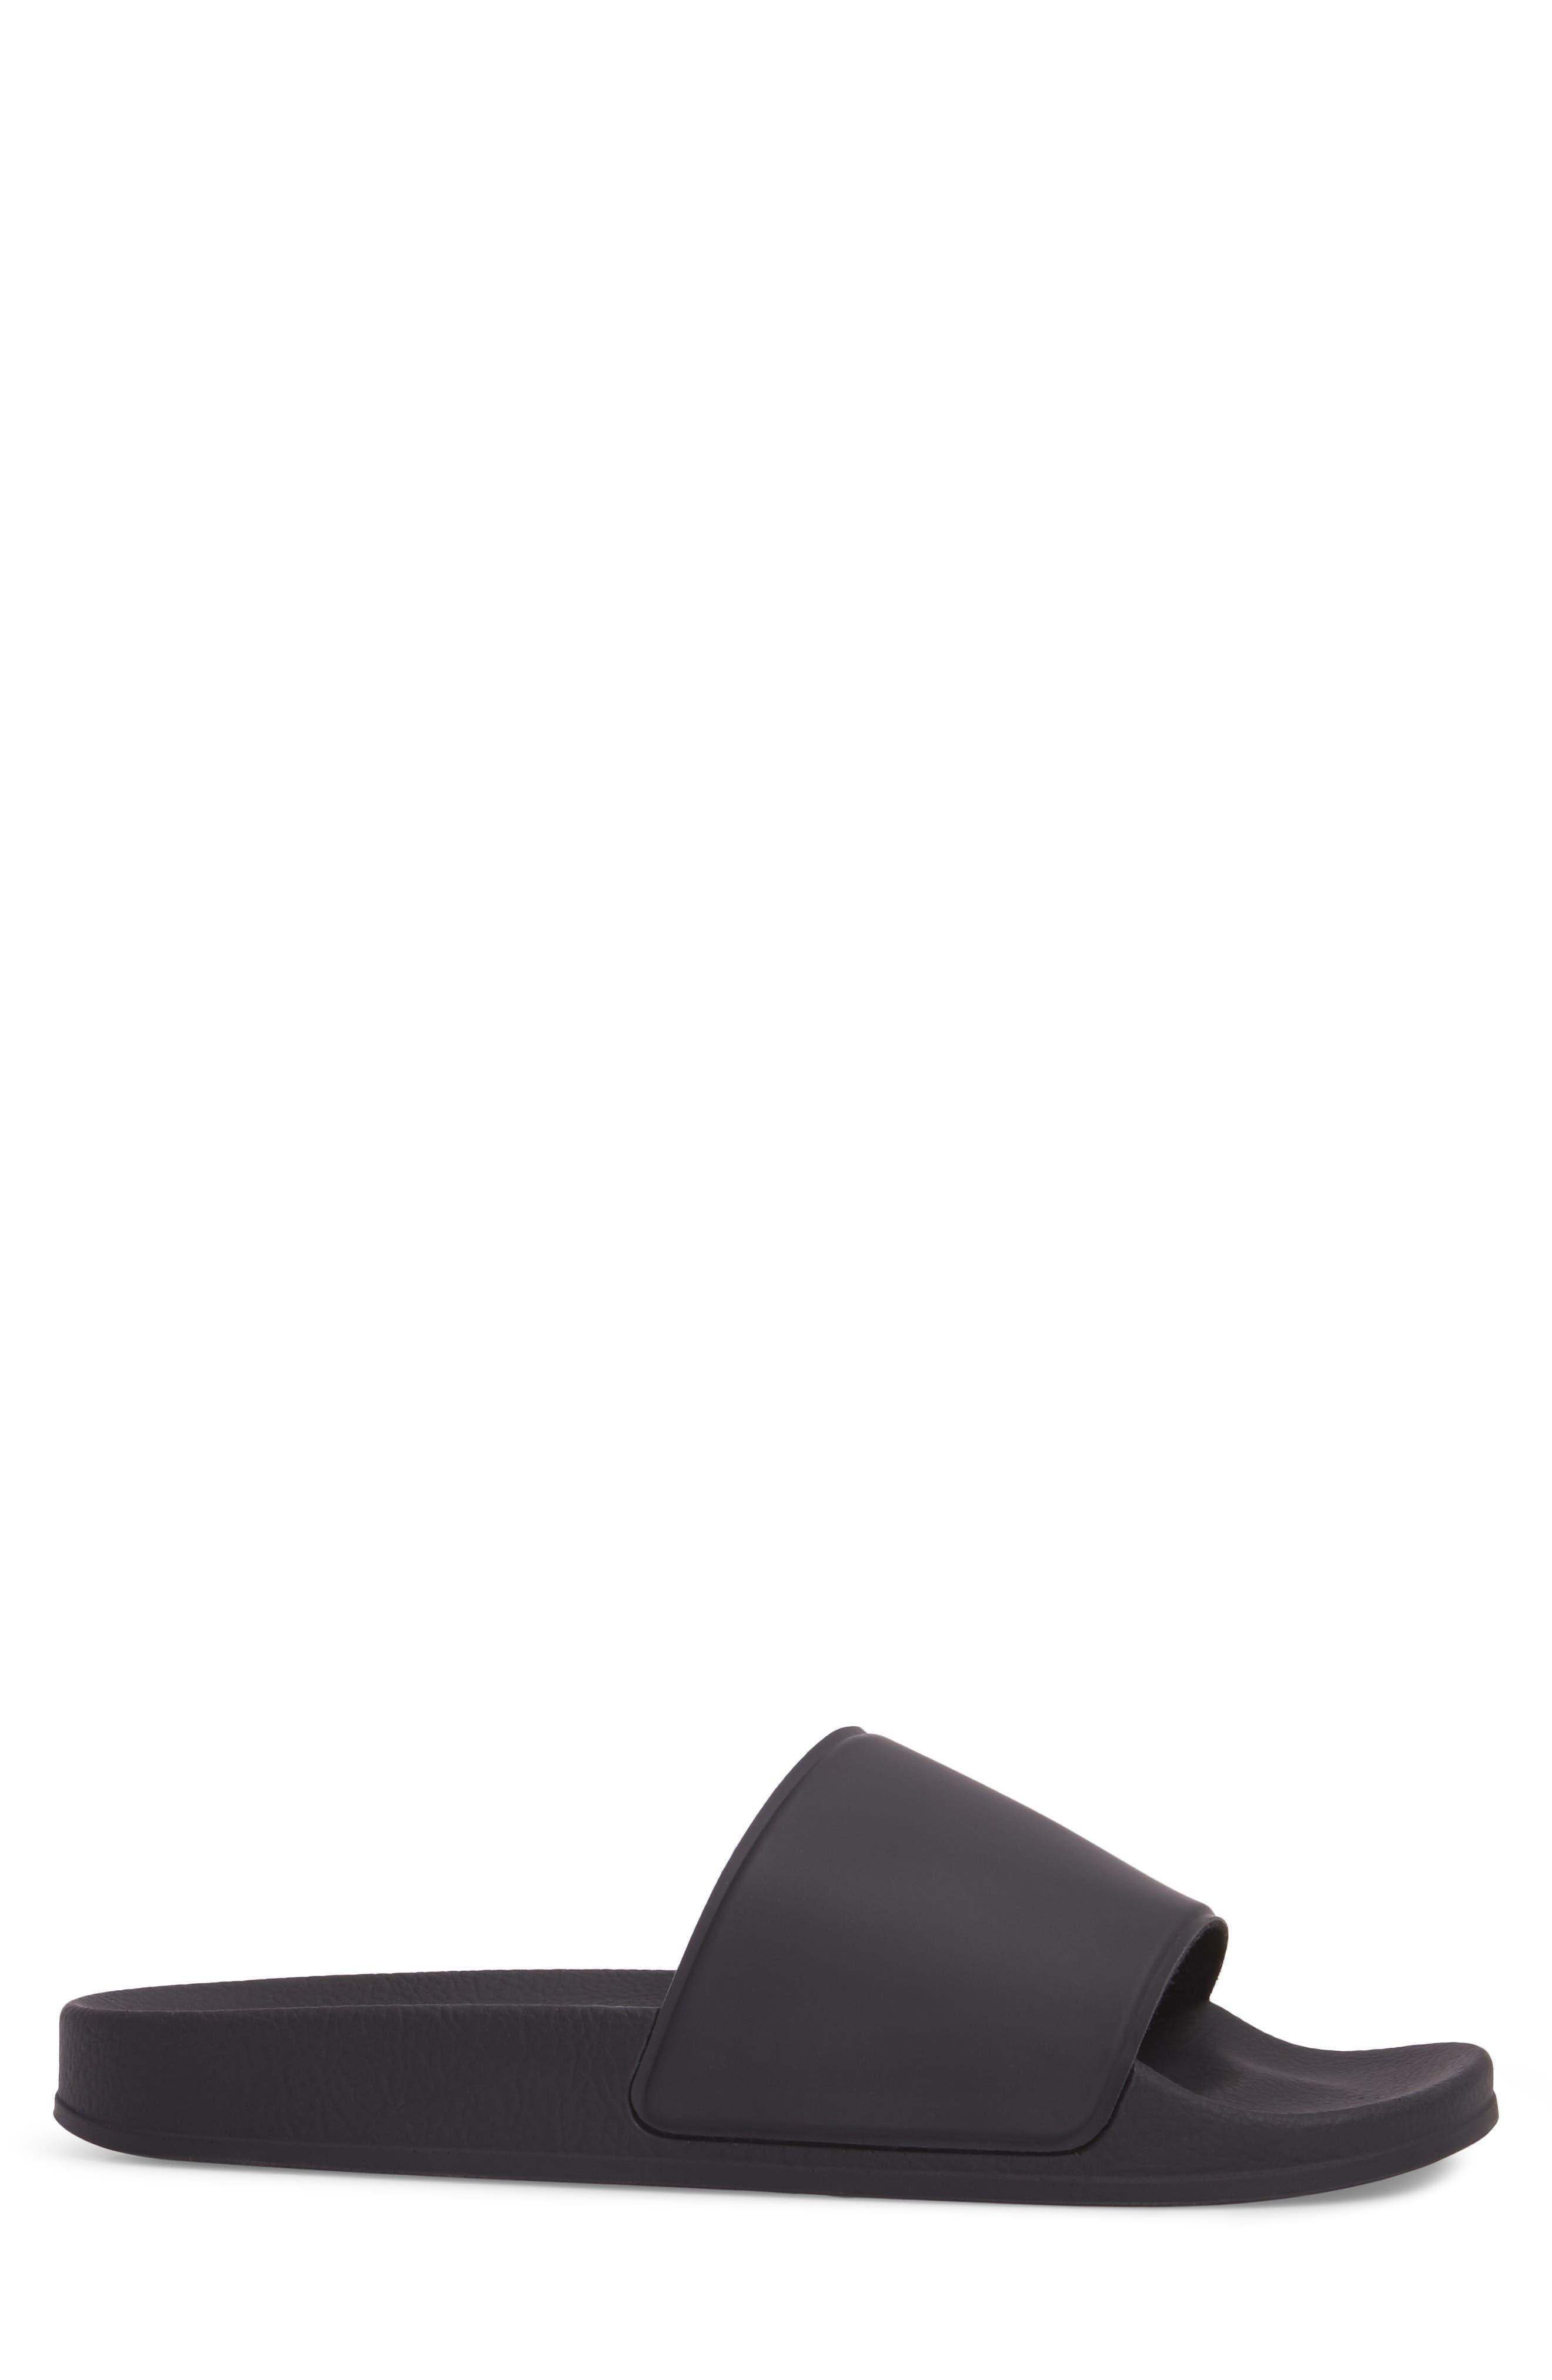 Alternate Image 3  - The Rail Bondi Slide Sandal (Men)